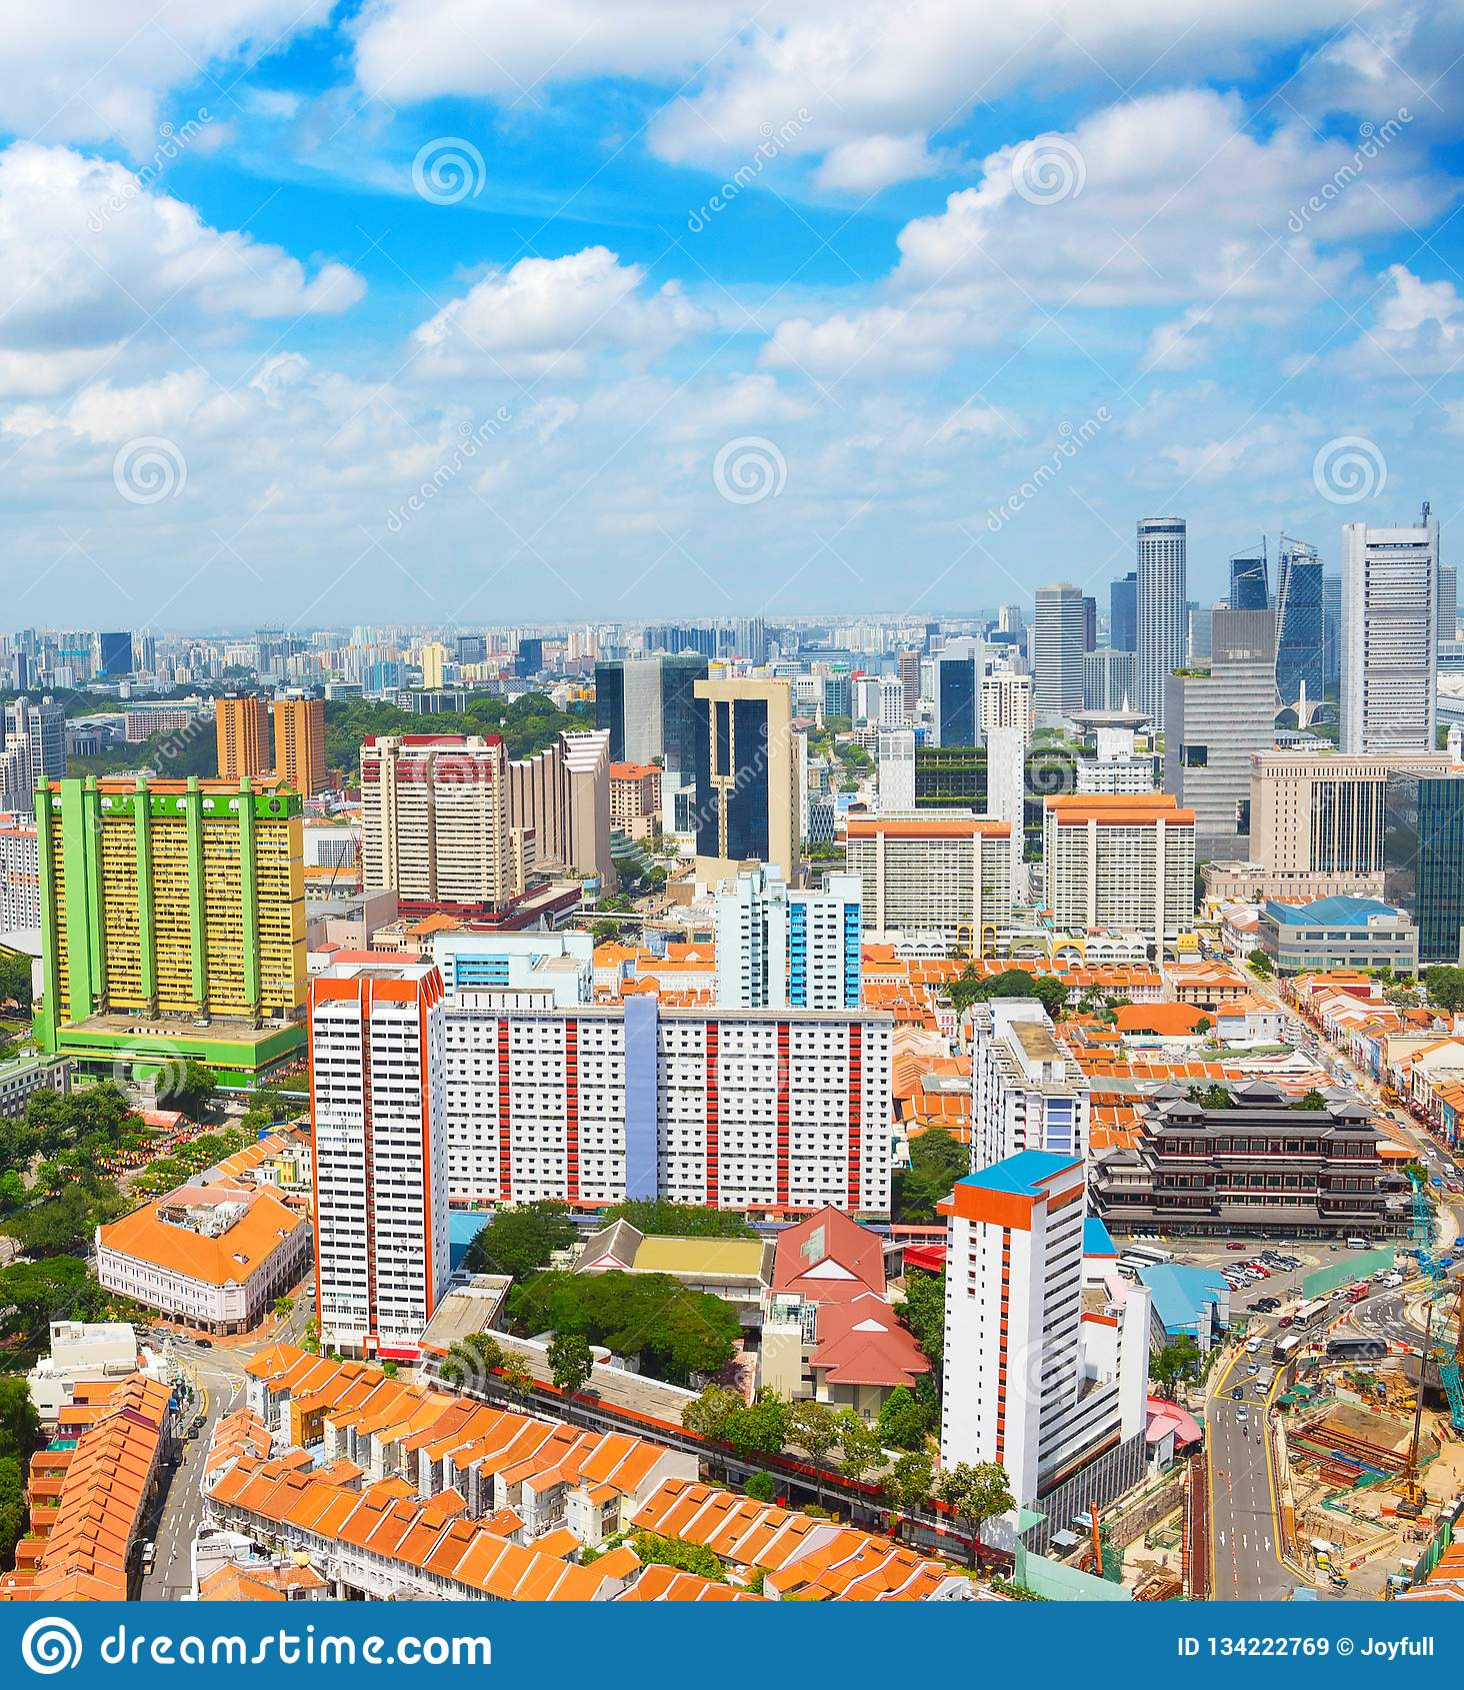 Aerial skyline of Singapore